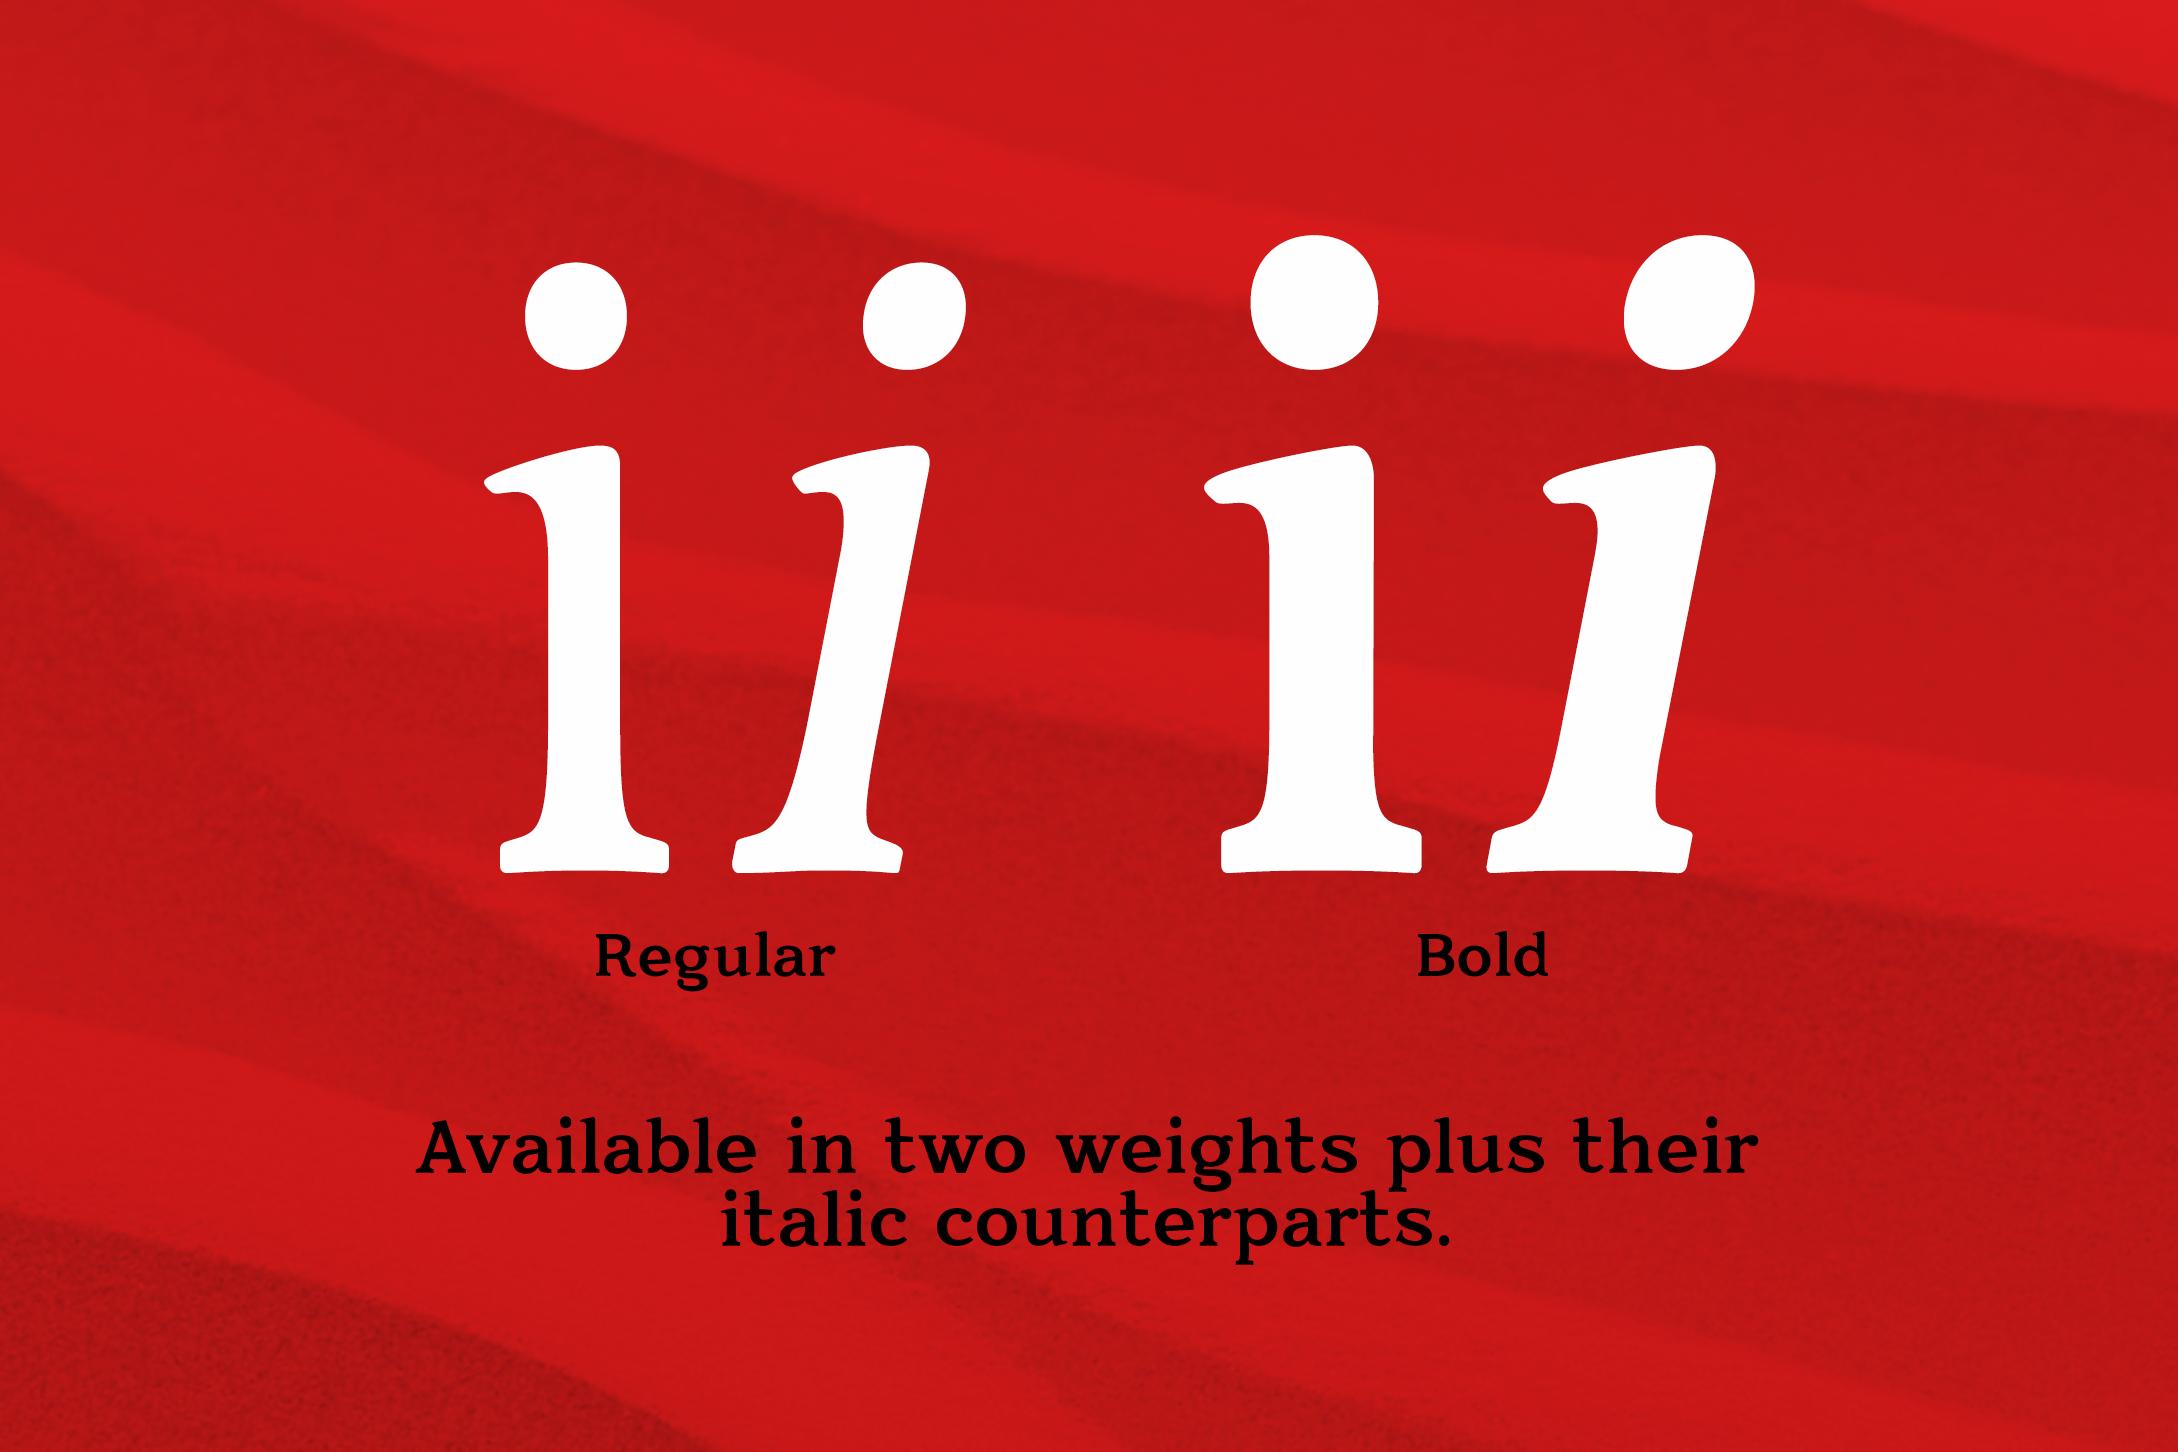 Quantik Elegant Contemporary Serif example image 4